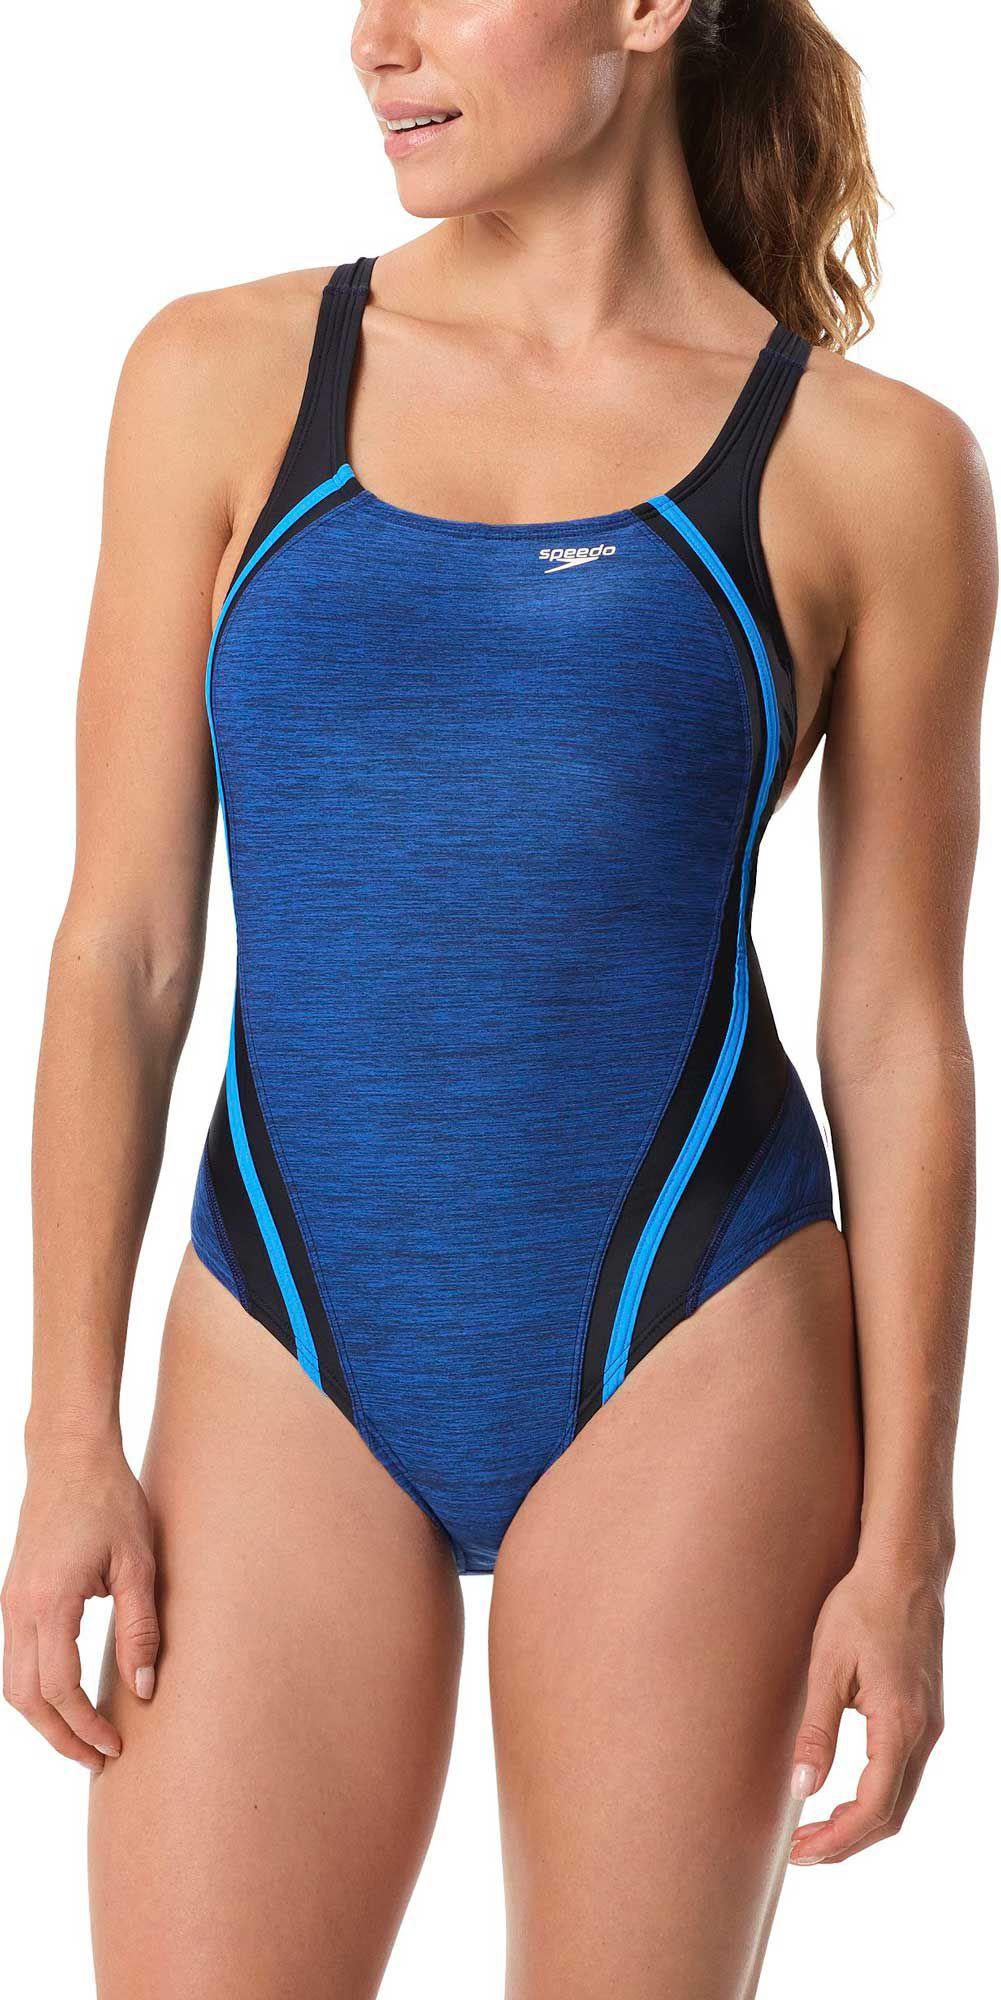 ac5c1d659f7c1 Speedo Women's Quantum Splice Swimsuit | DICK'S Sporting ...